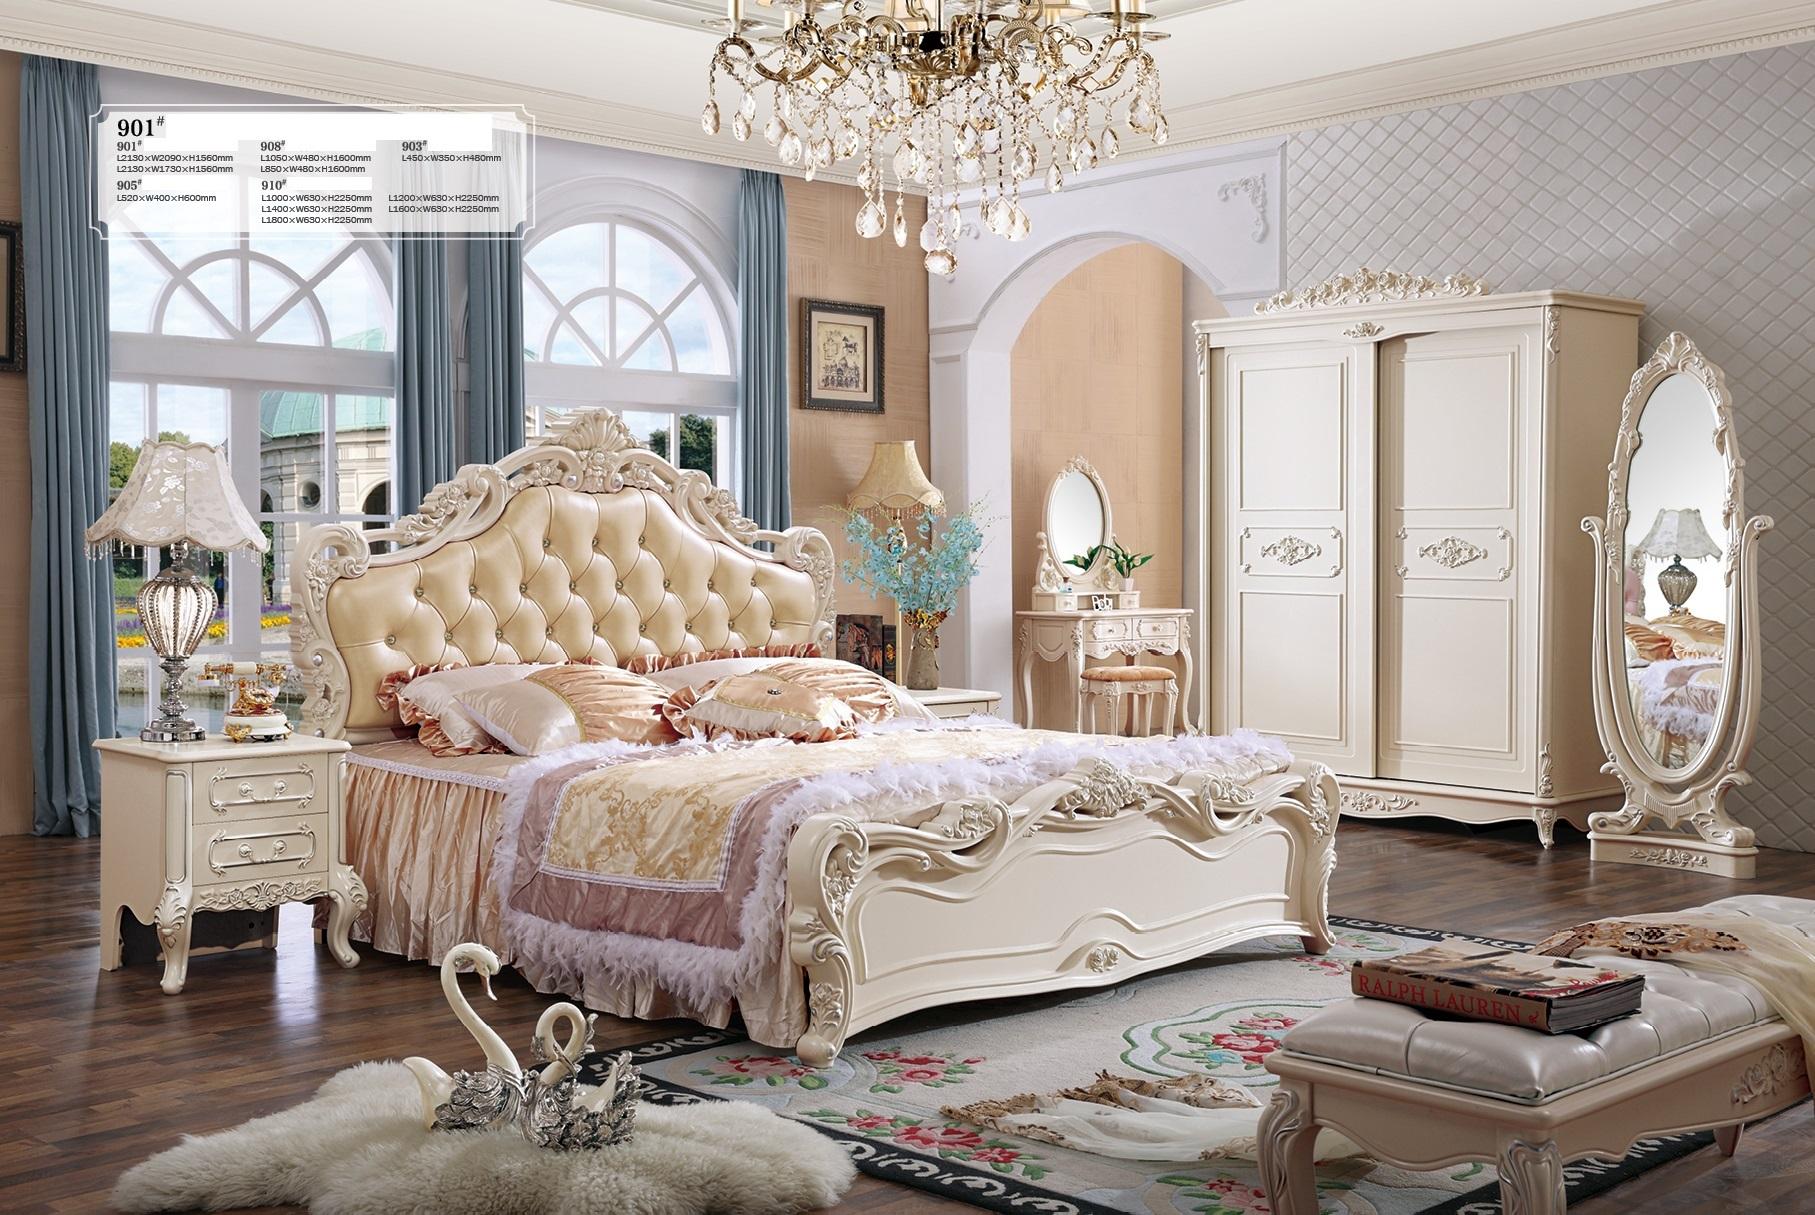 Full Size of S60htm Einfaches Bett 140x200 Ohne Kopfteil Tagesdecke Mit Bettkasten 90x200 Bette Badewanne überlänge Schöne Betten Selber Machen Günstige 180x200 Bett Bett Barock